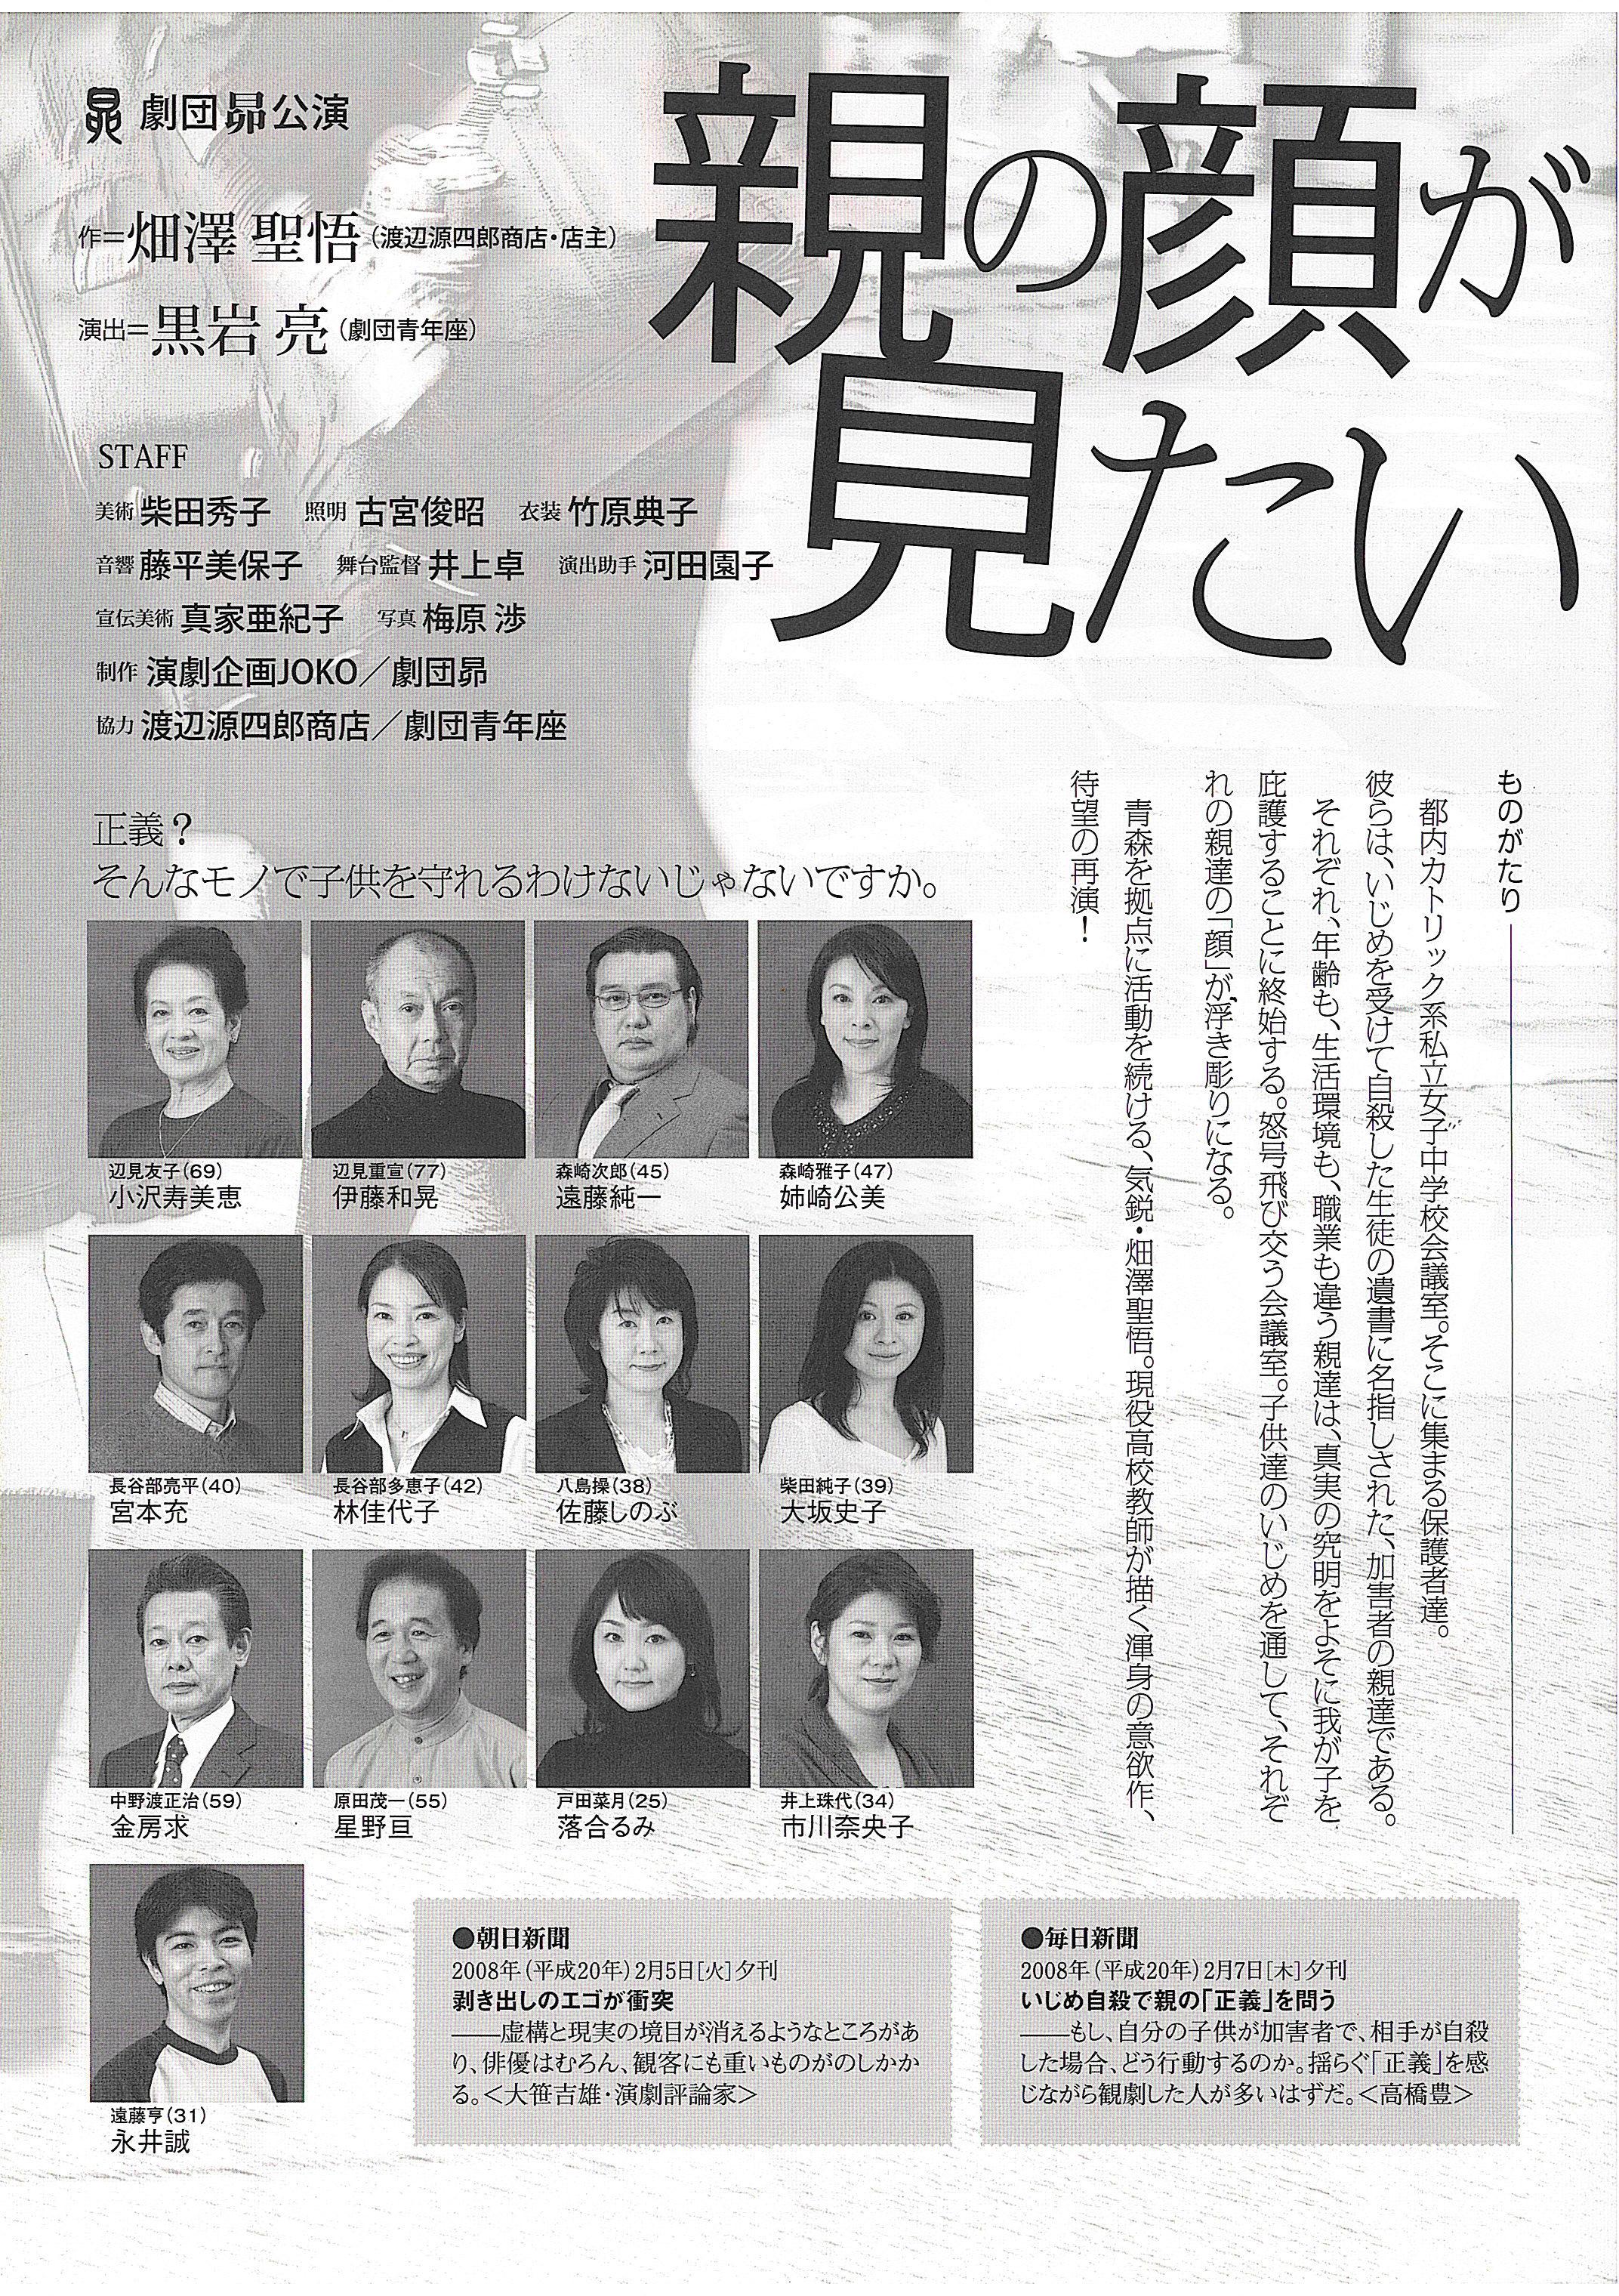 劇団昴公演「親の顔が見たい」-函館で演劇を観る